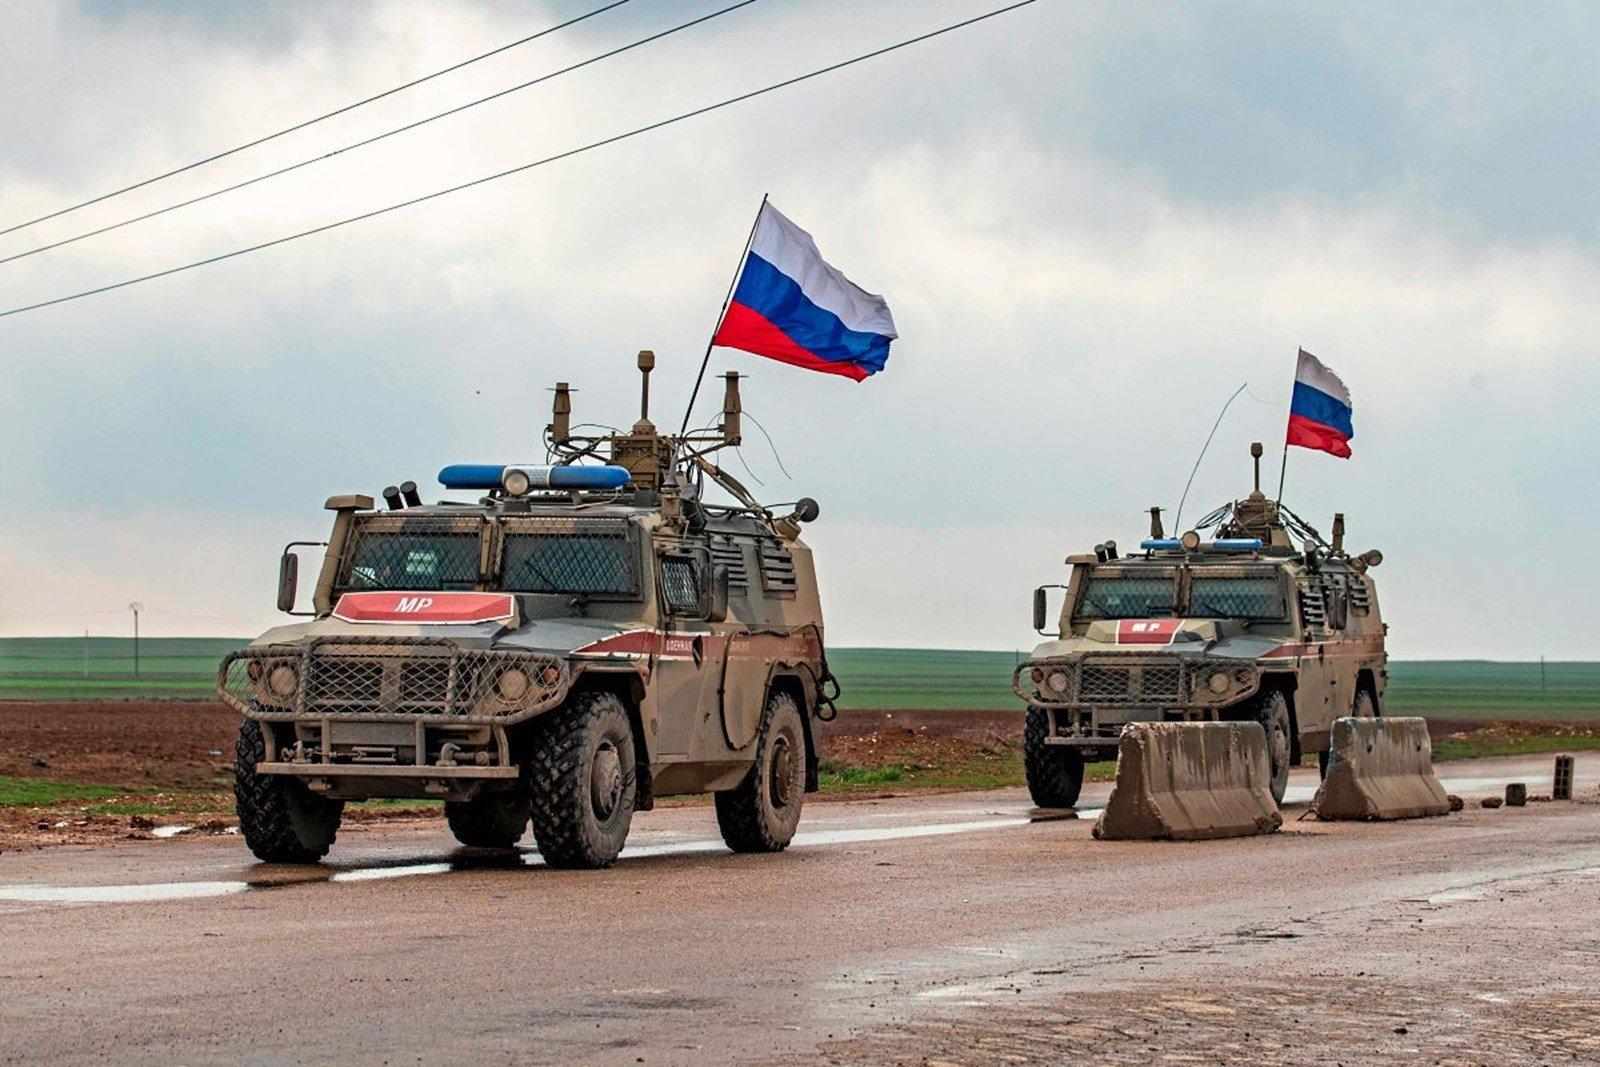 СМИ Австрии: Почему Россия считает турецких солдат в Сирии террористами?